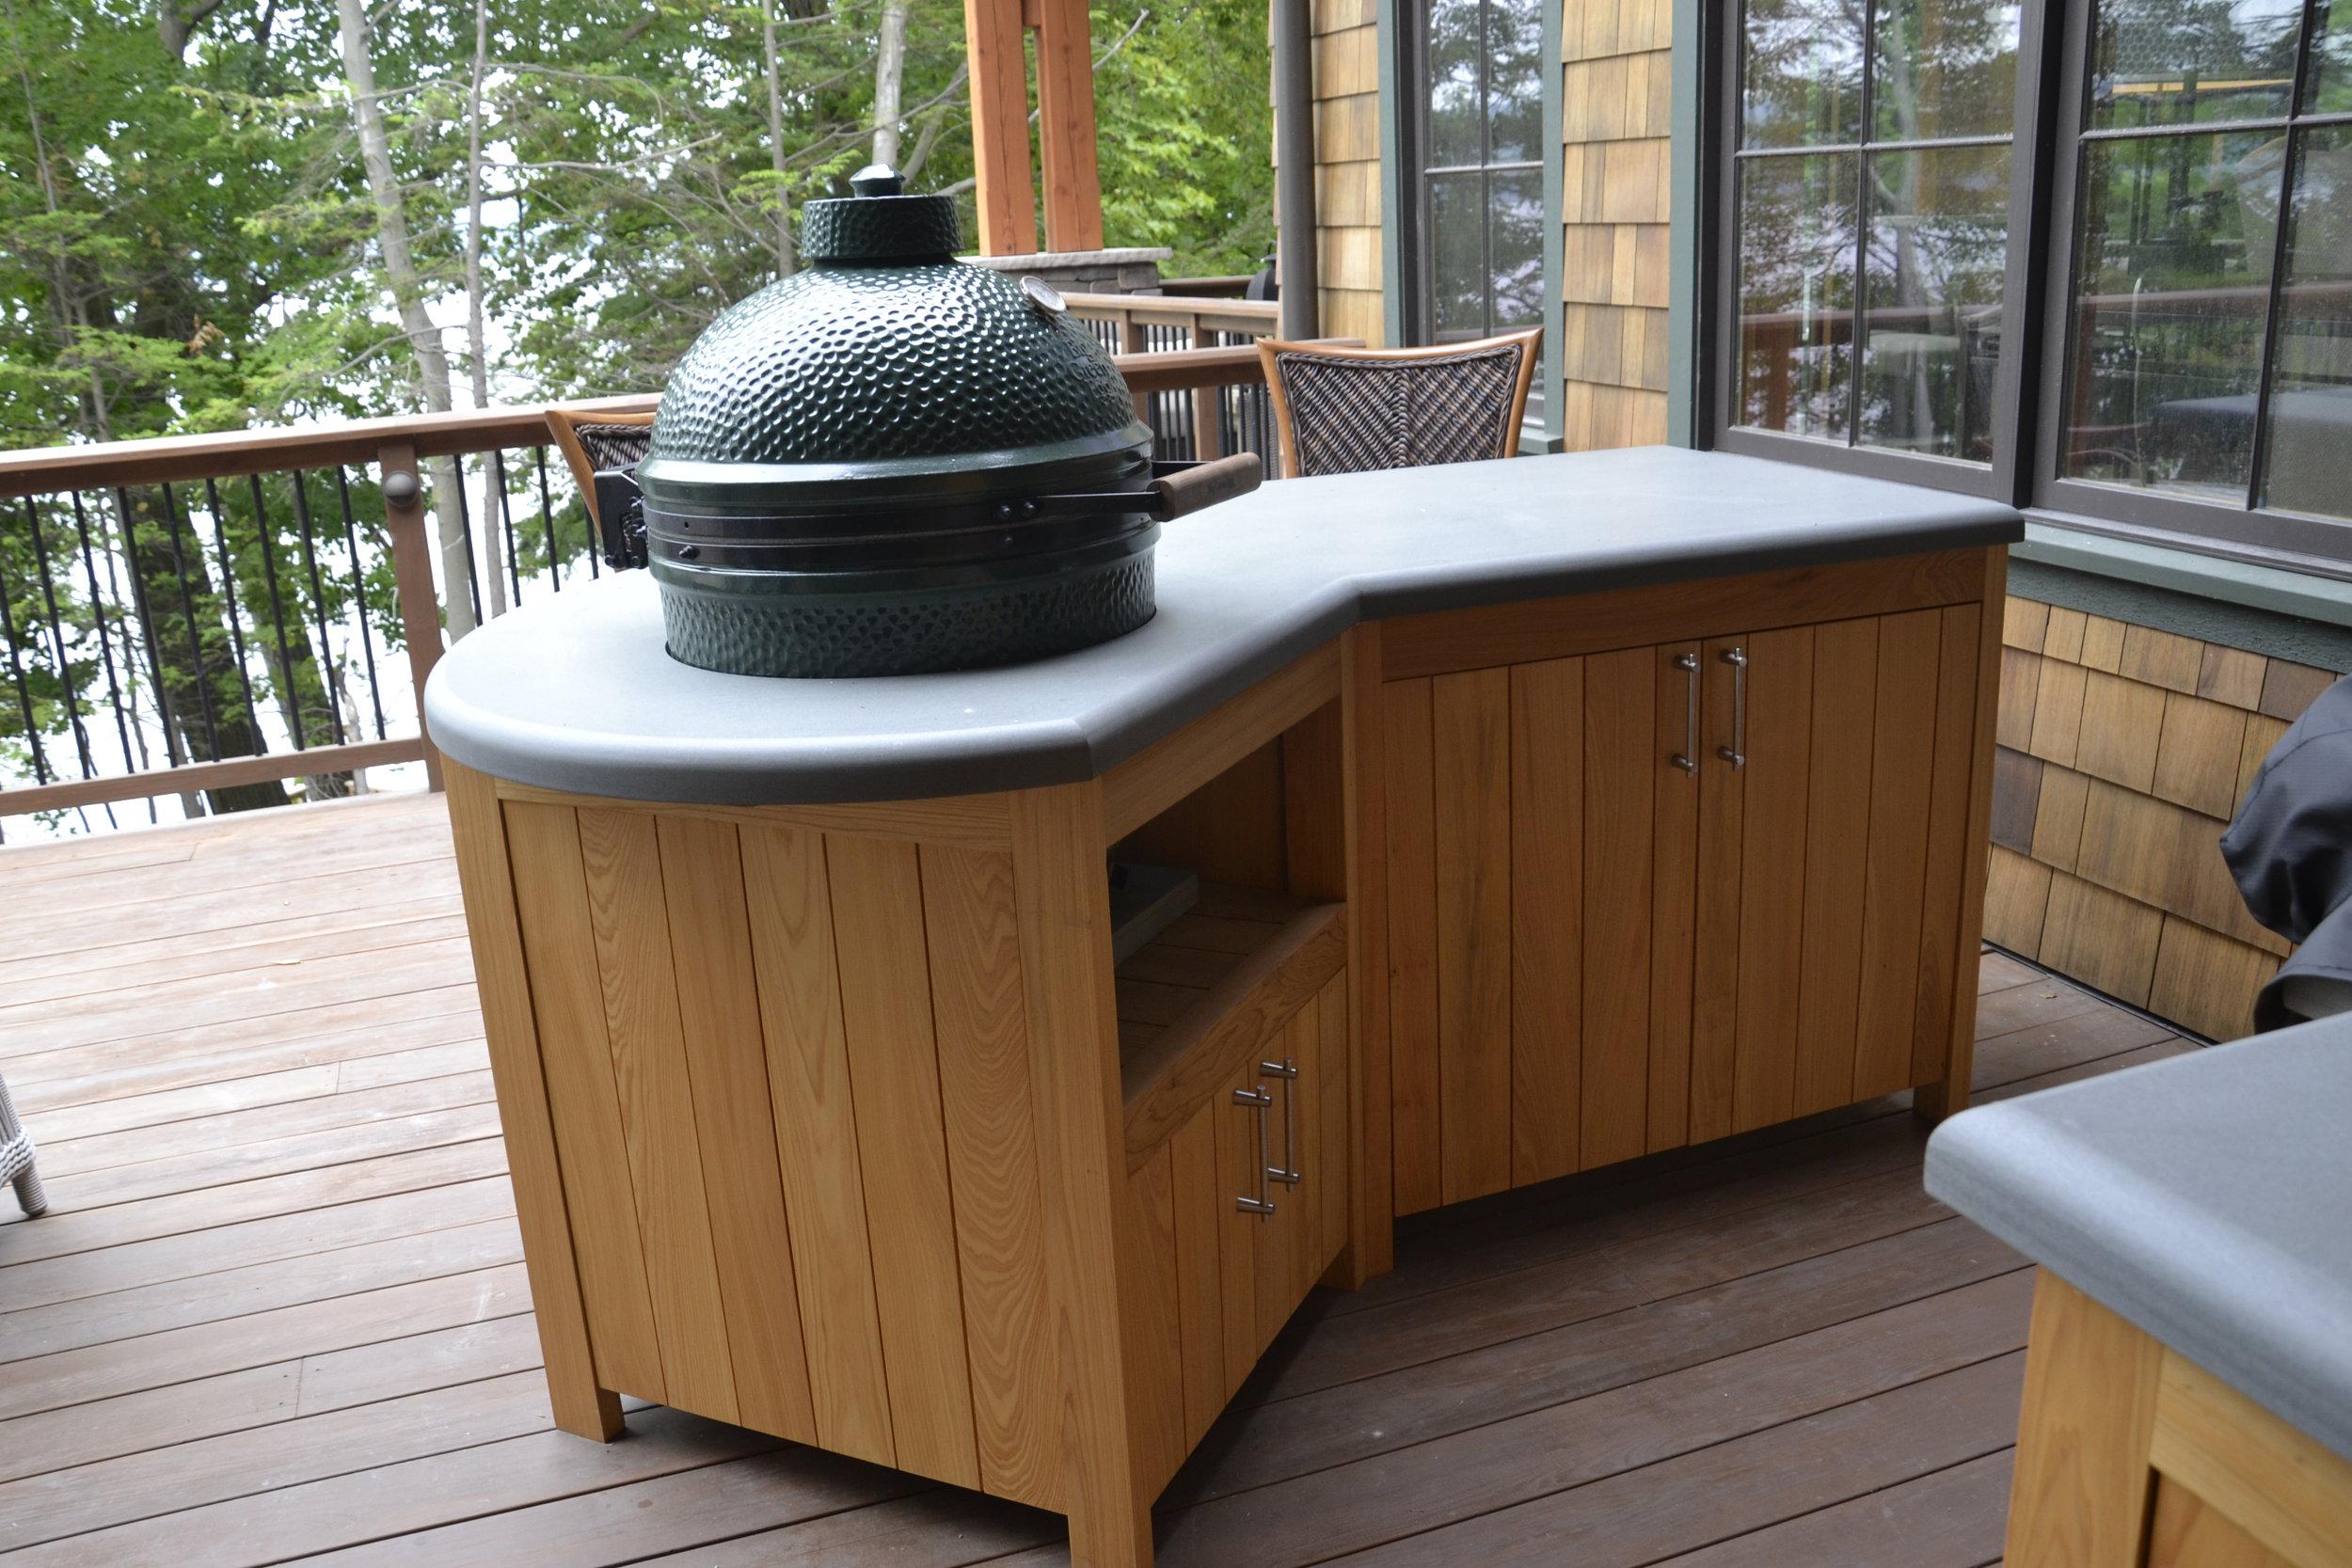 Teak outdoor kitchenette